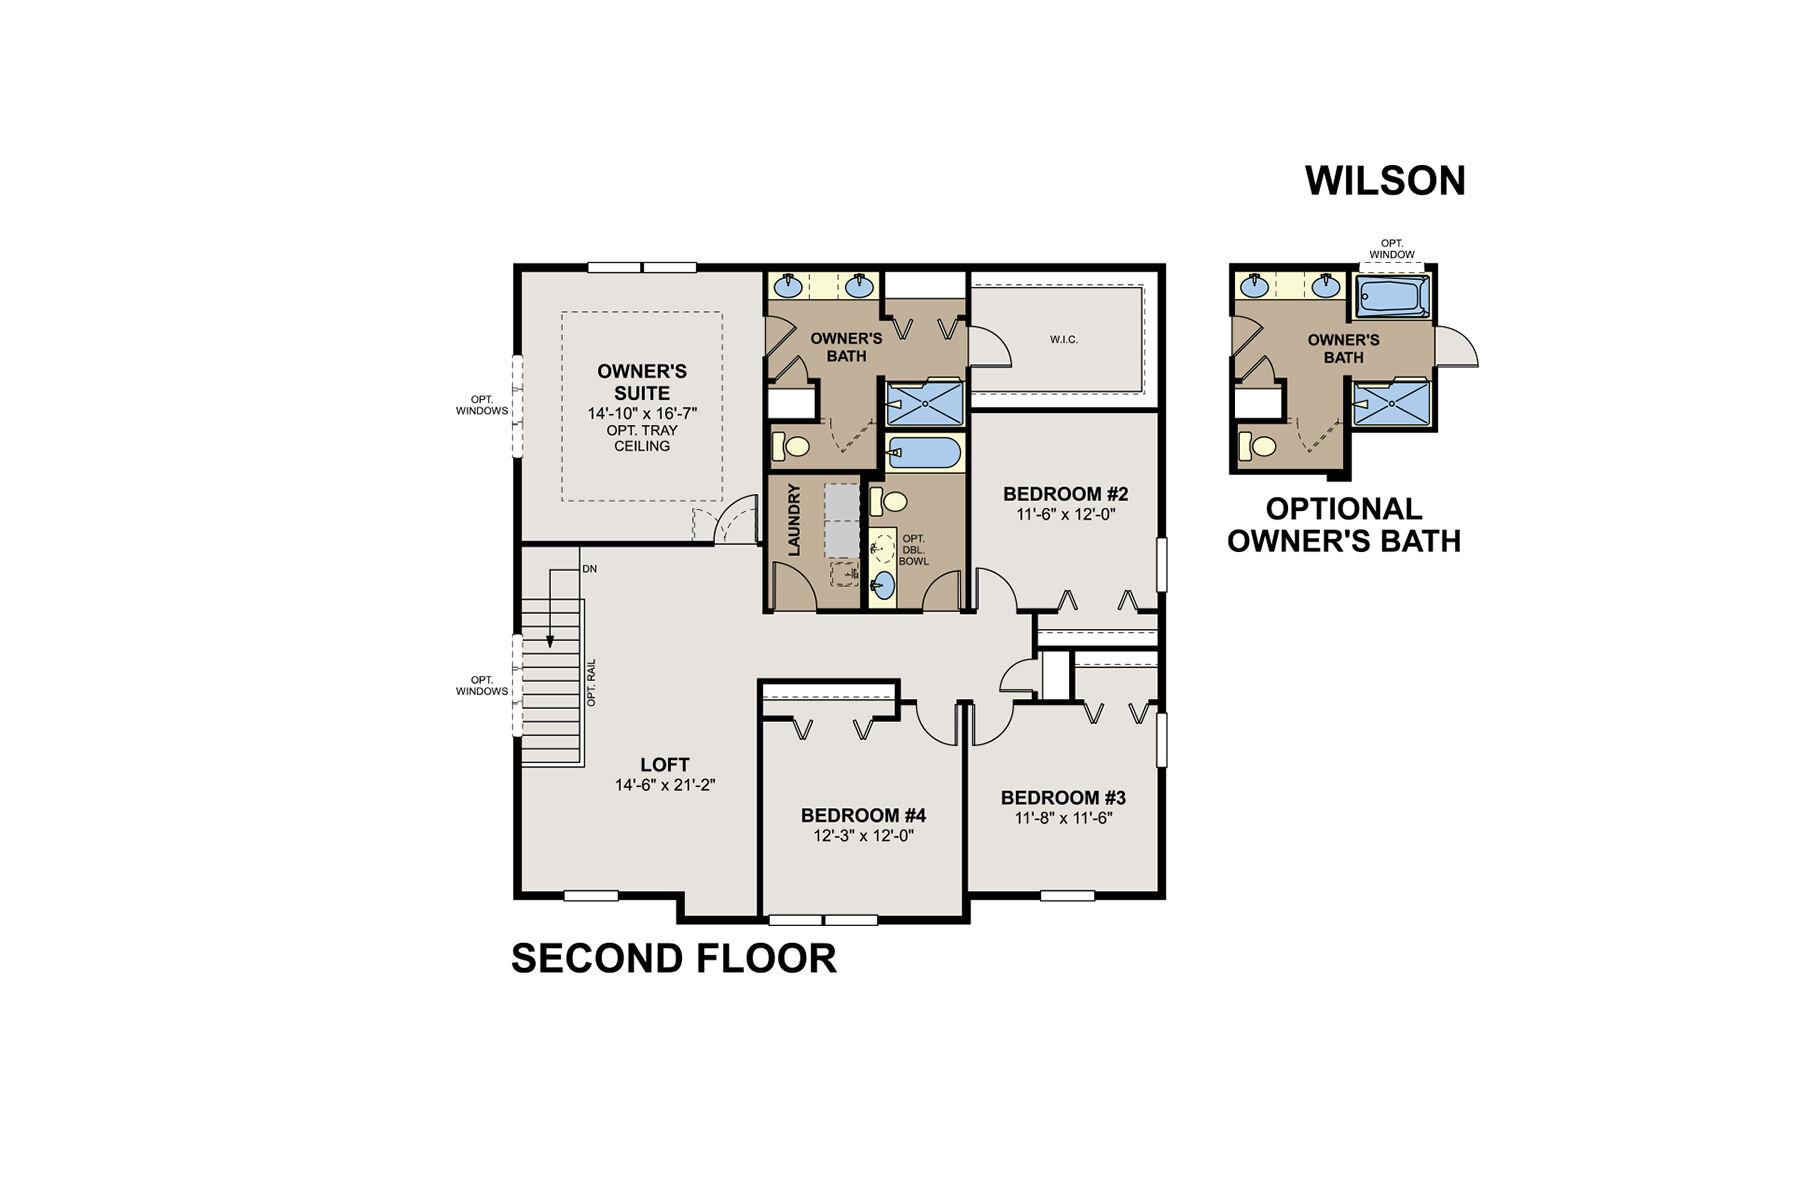 Wilson Second Floor